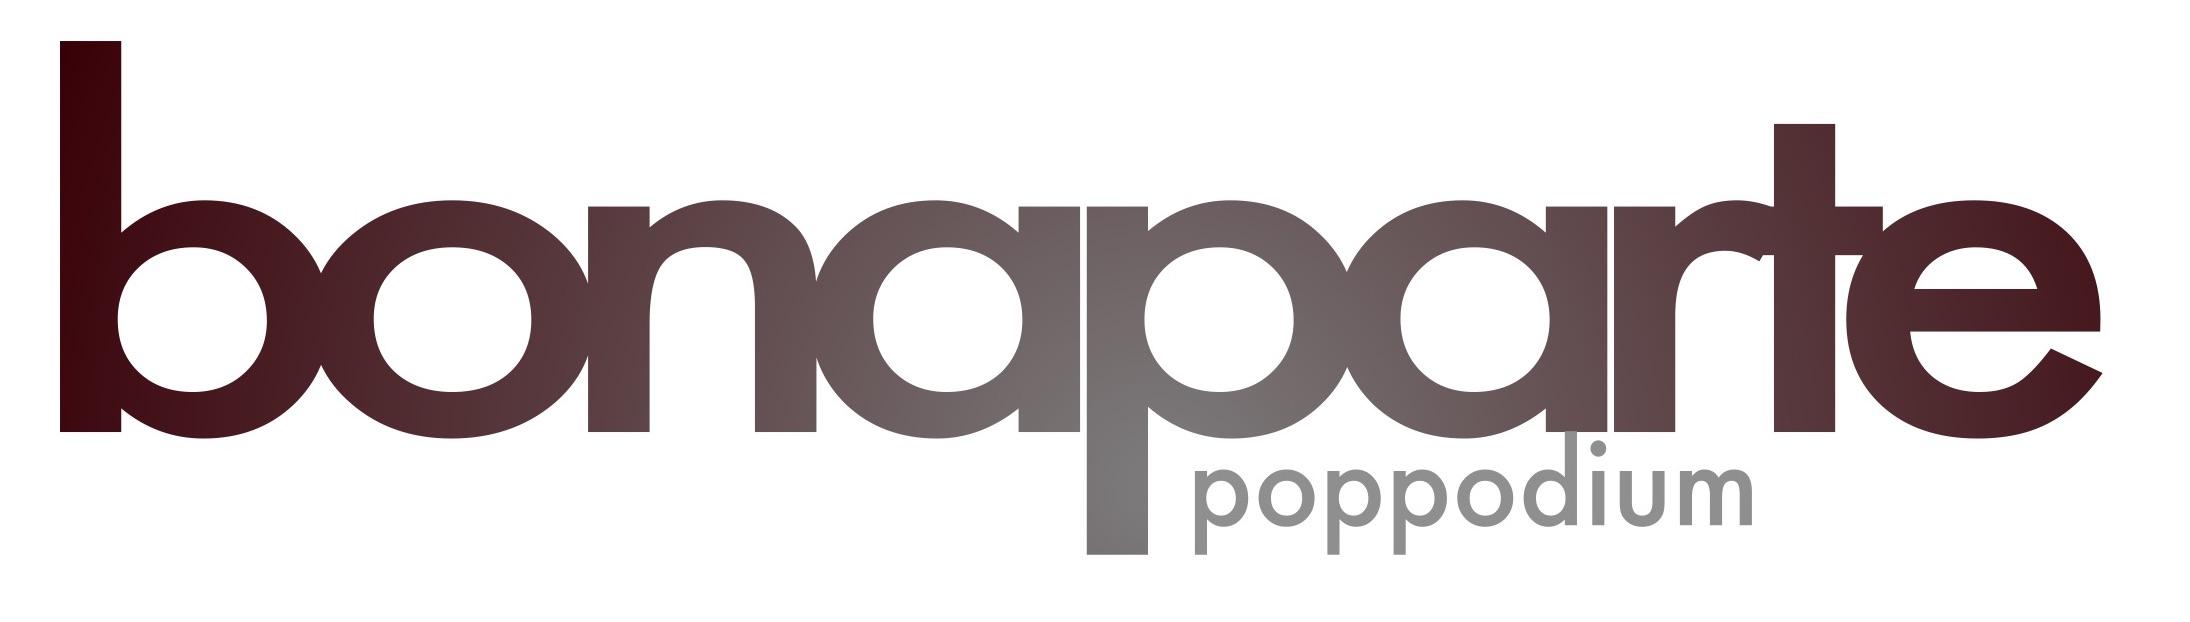 Poppodium Bonaparte